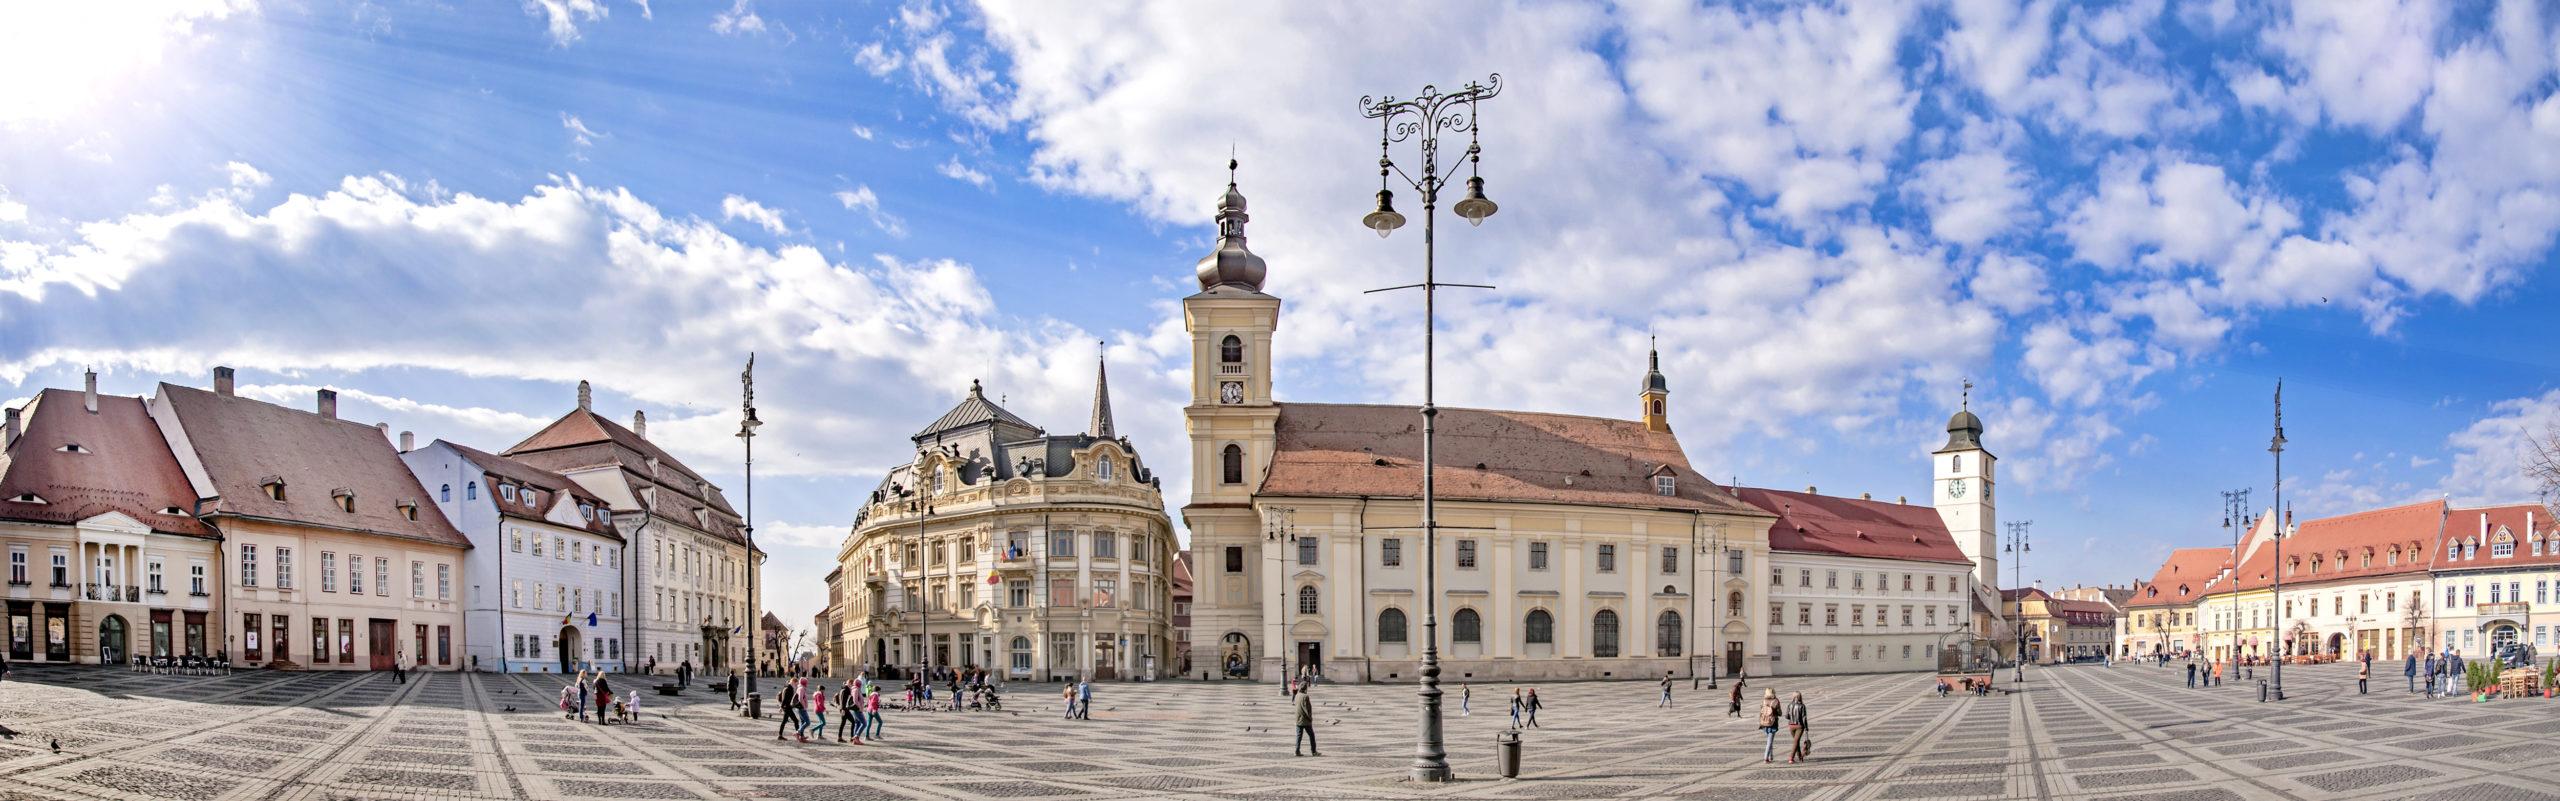 Romania [Shutterstock]